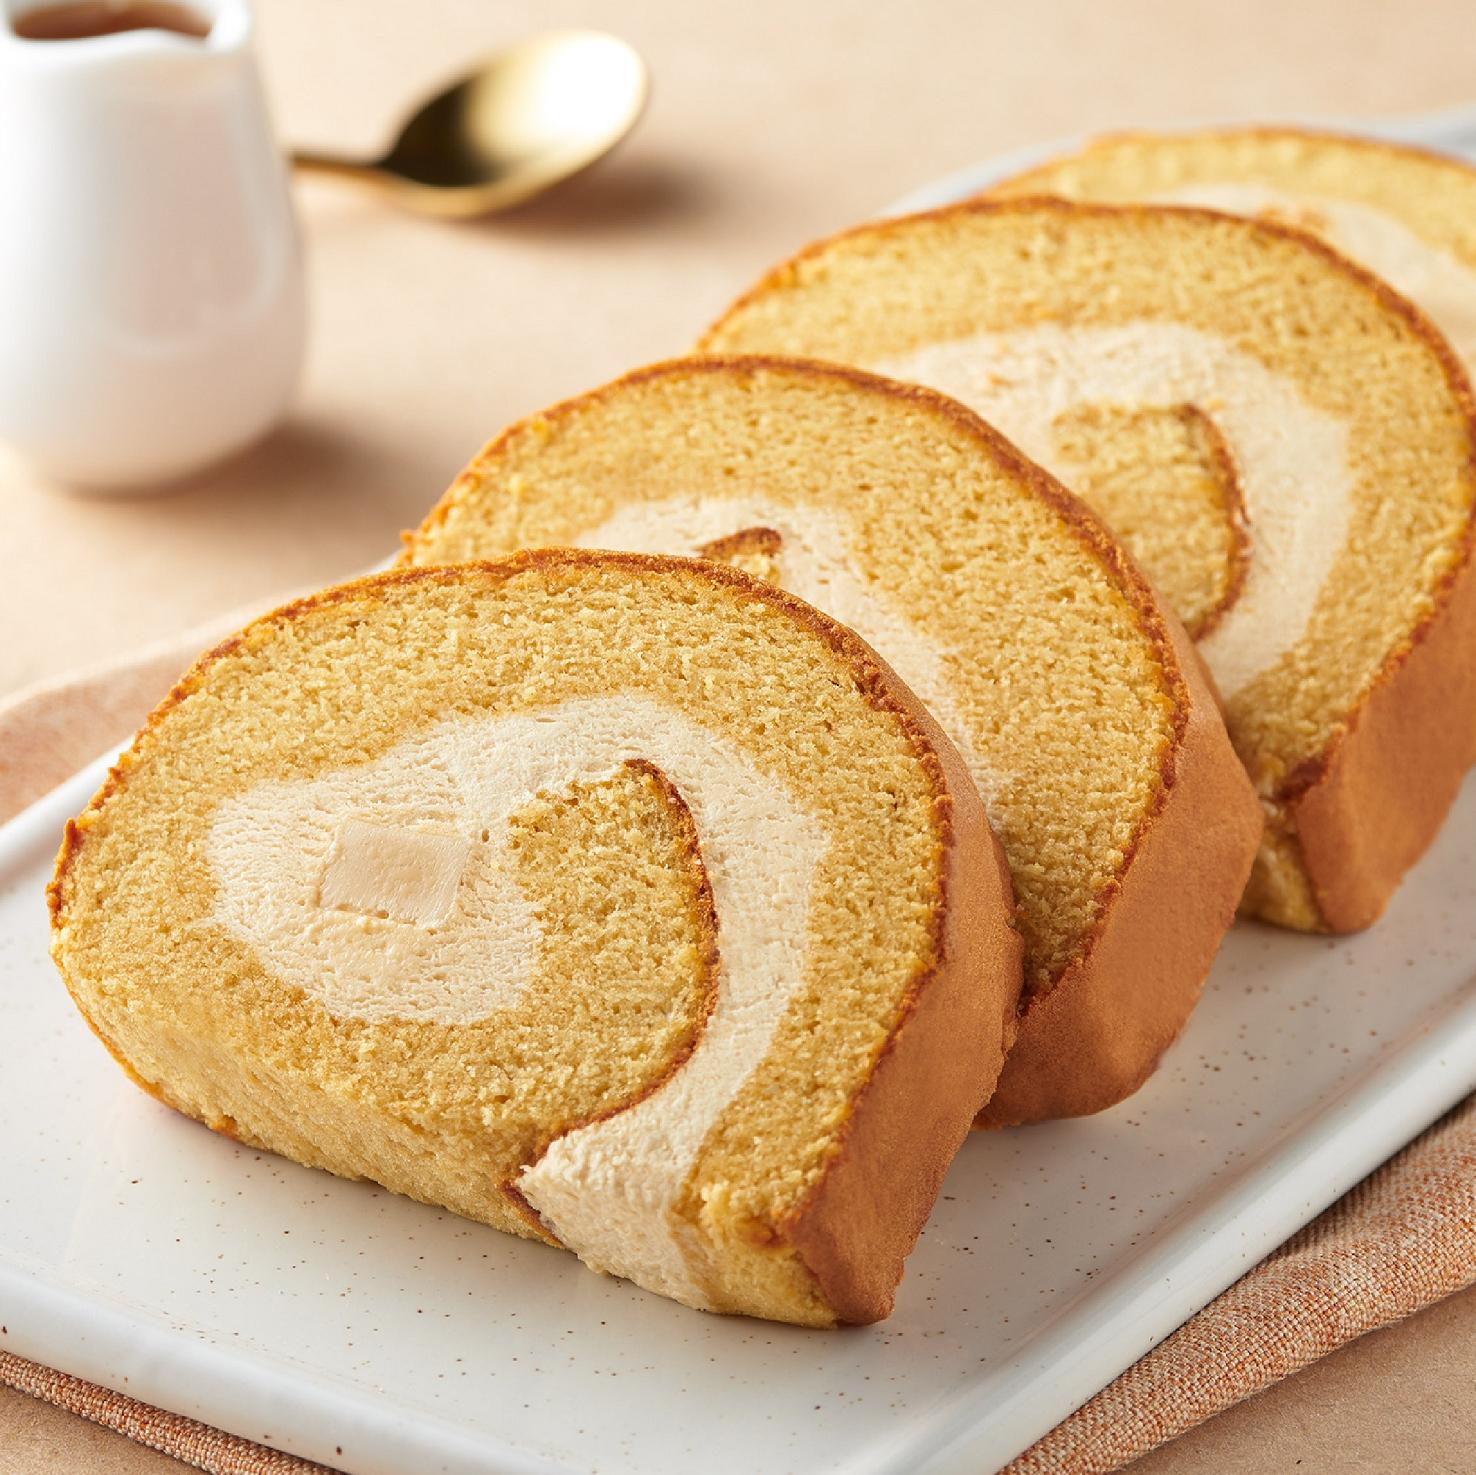 來自日本森永牛奶糖漿特製配方!全聯 We Sweet X 森永牛奶糖攜手打造 7 款獨家甜點